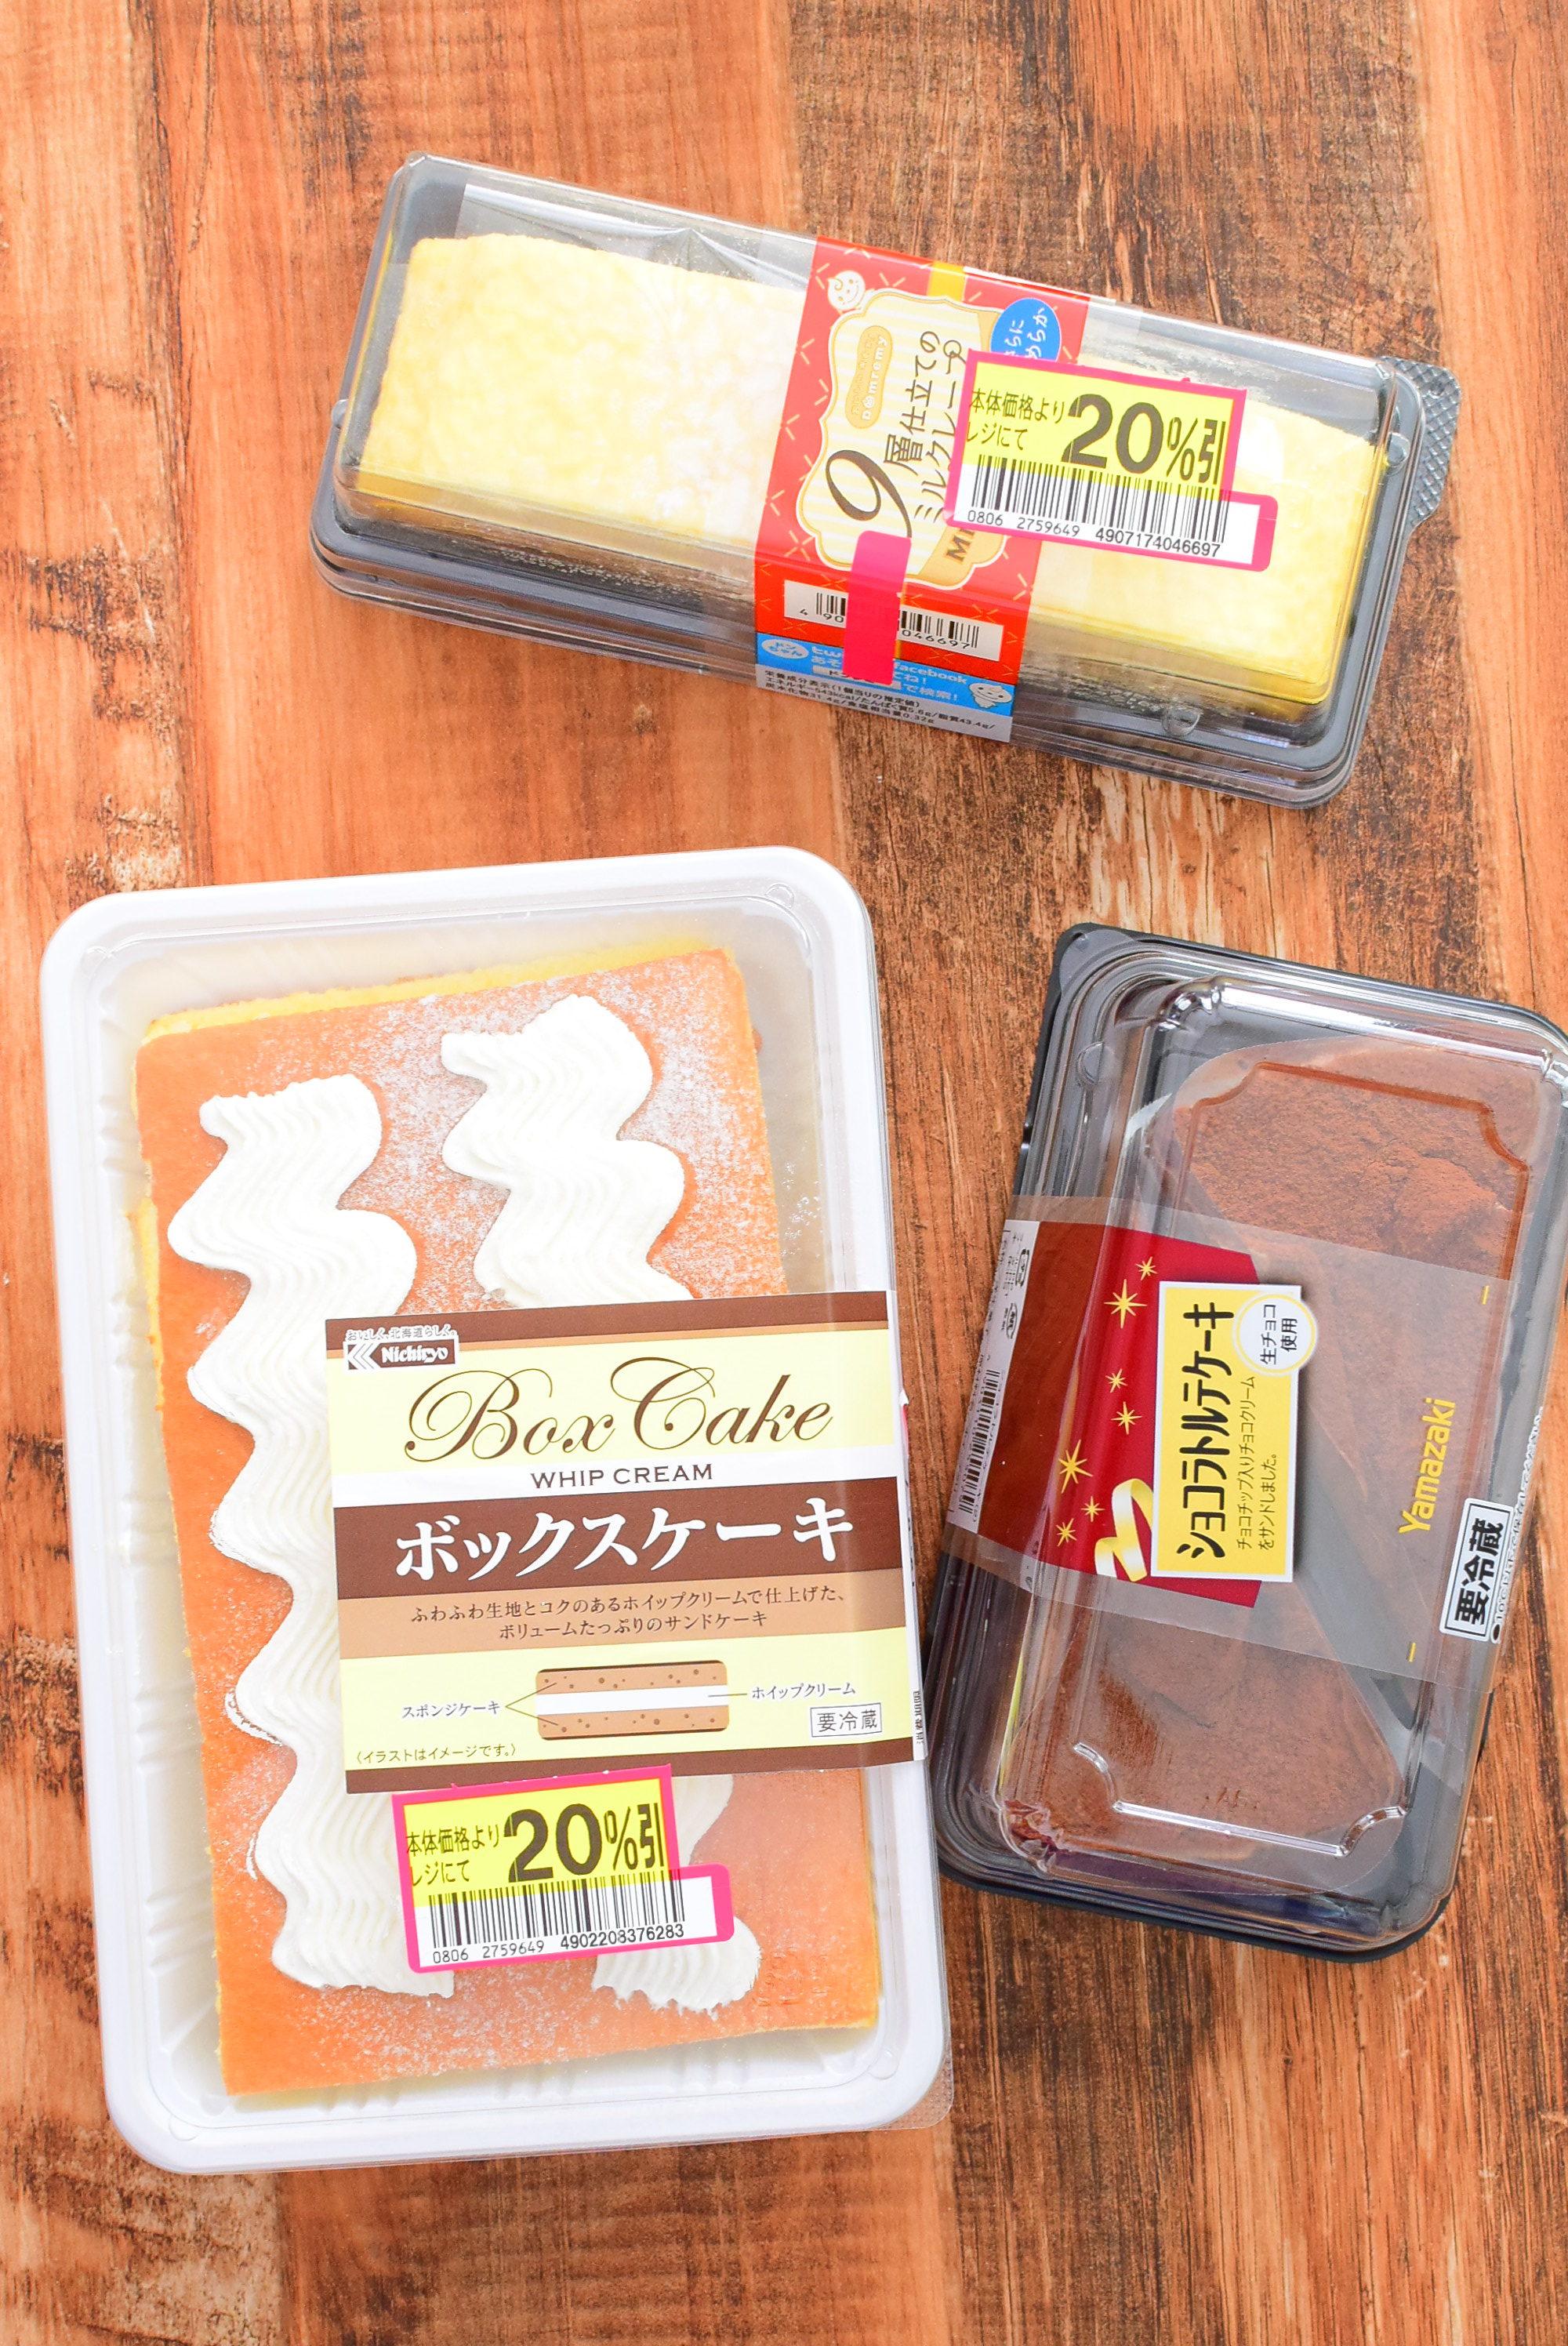 ボックスケーキ、層仕立てのミルククレープ、ショコラトルテケーキの食レポ